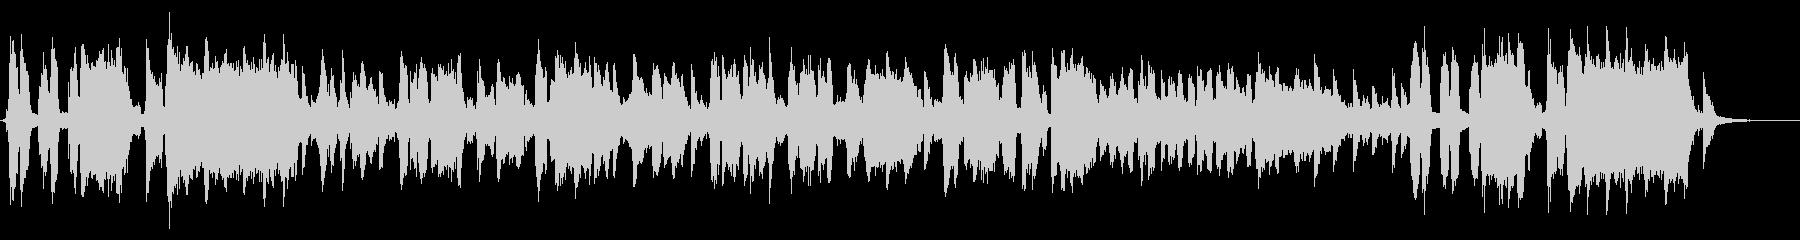 山芋をテーマにした楽曲の未再生の波形